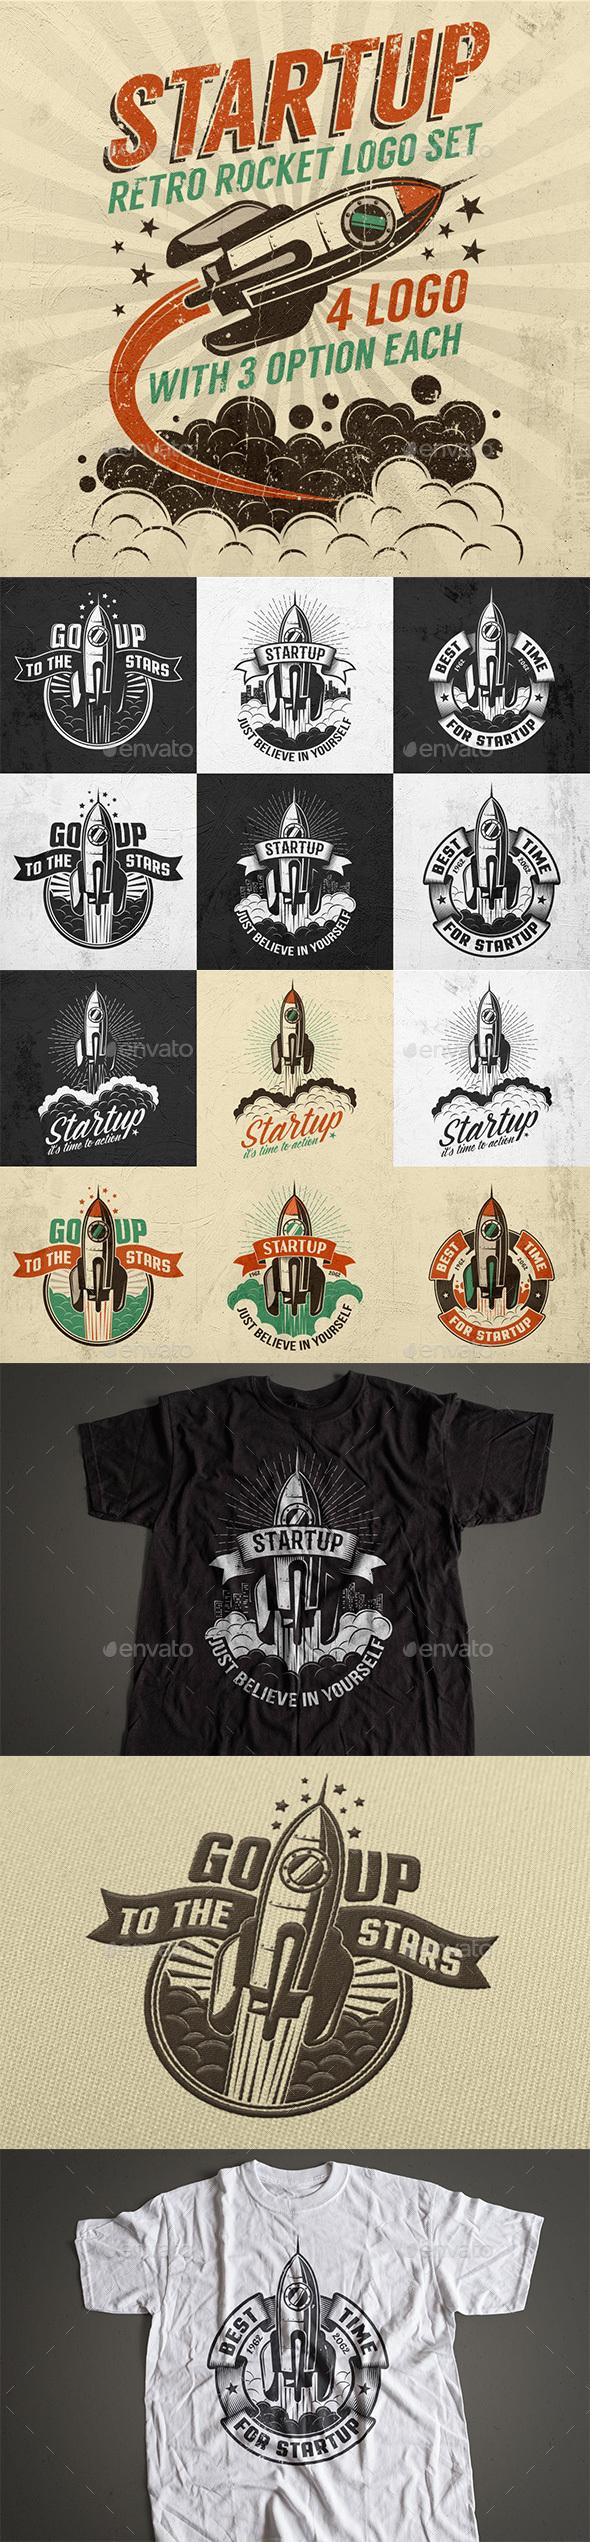 Startup Rocket Retro Logo - Miscellaneous Conceptual